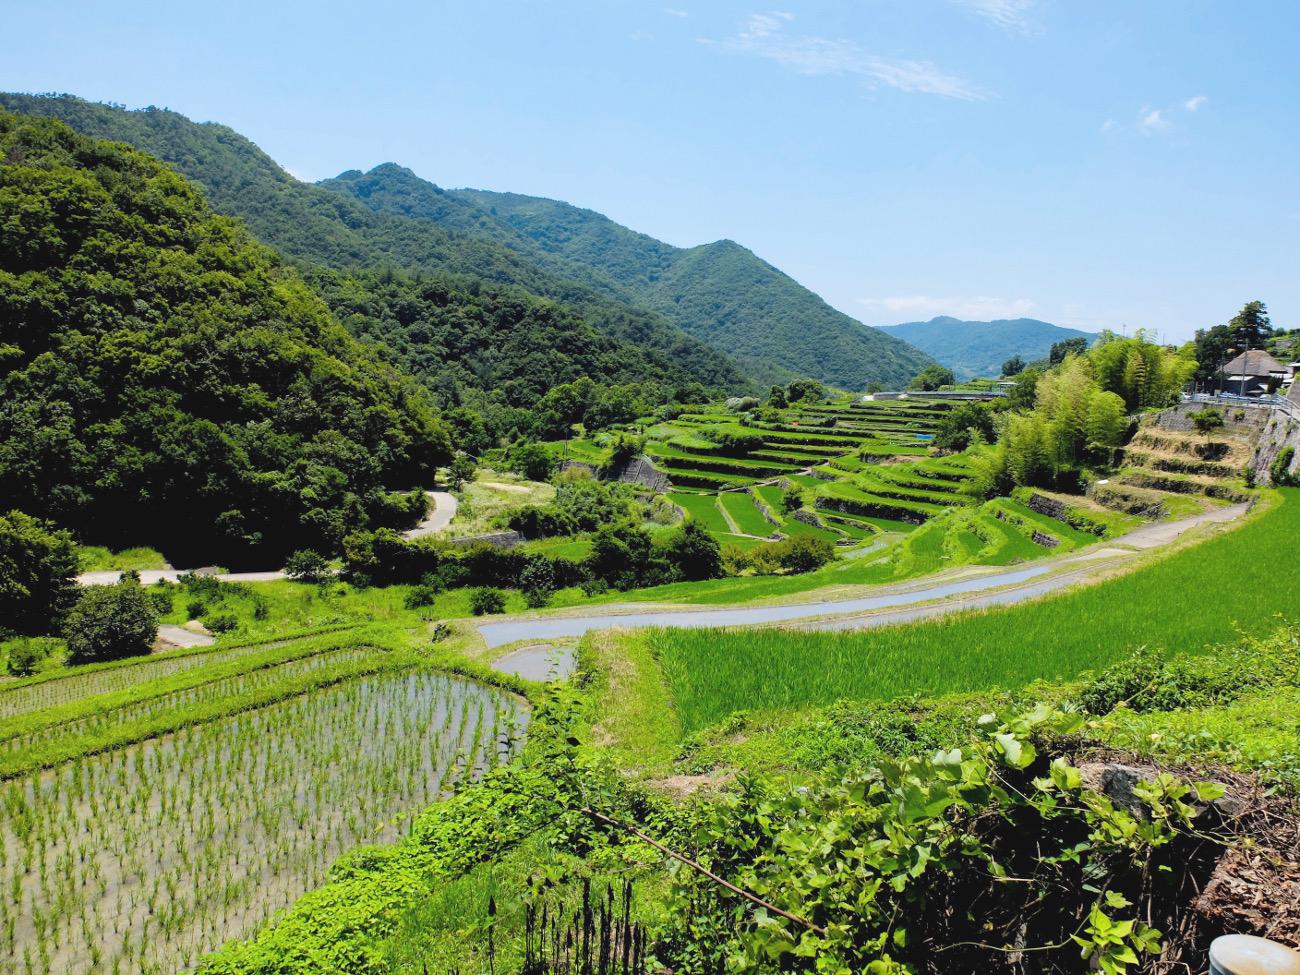 真夏の女ひとり旅のすすめ。瀬戸内小豆島で出会った景色